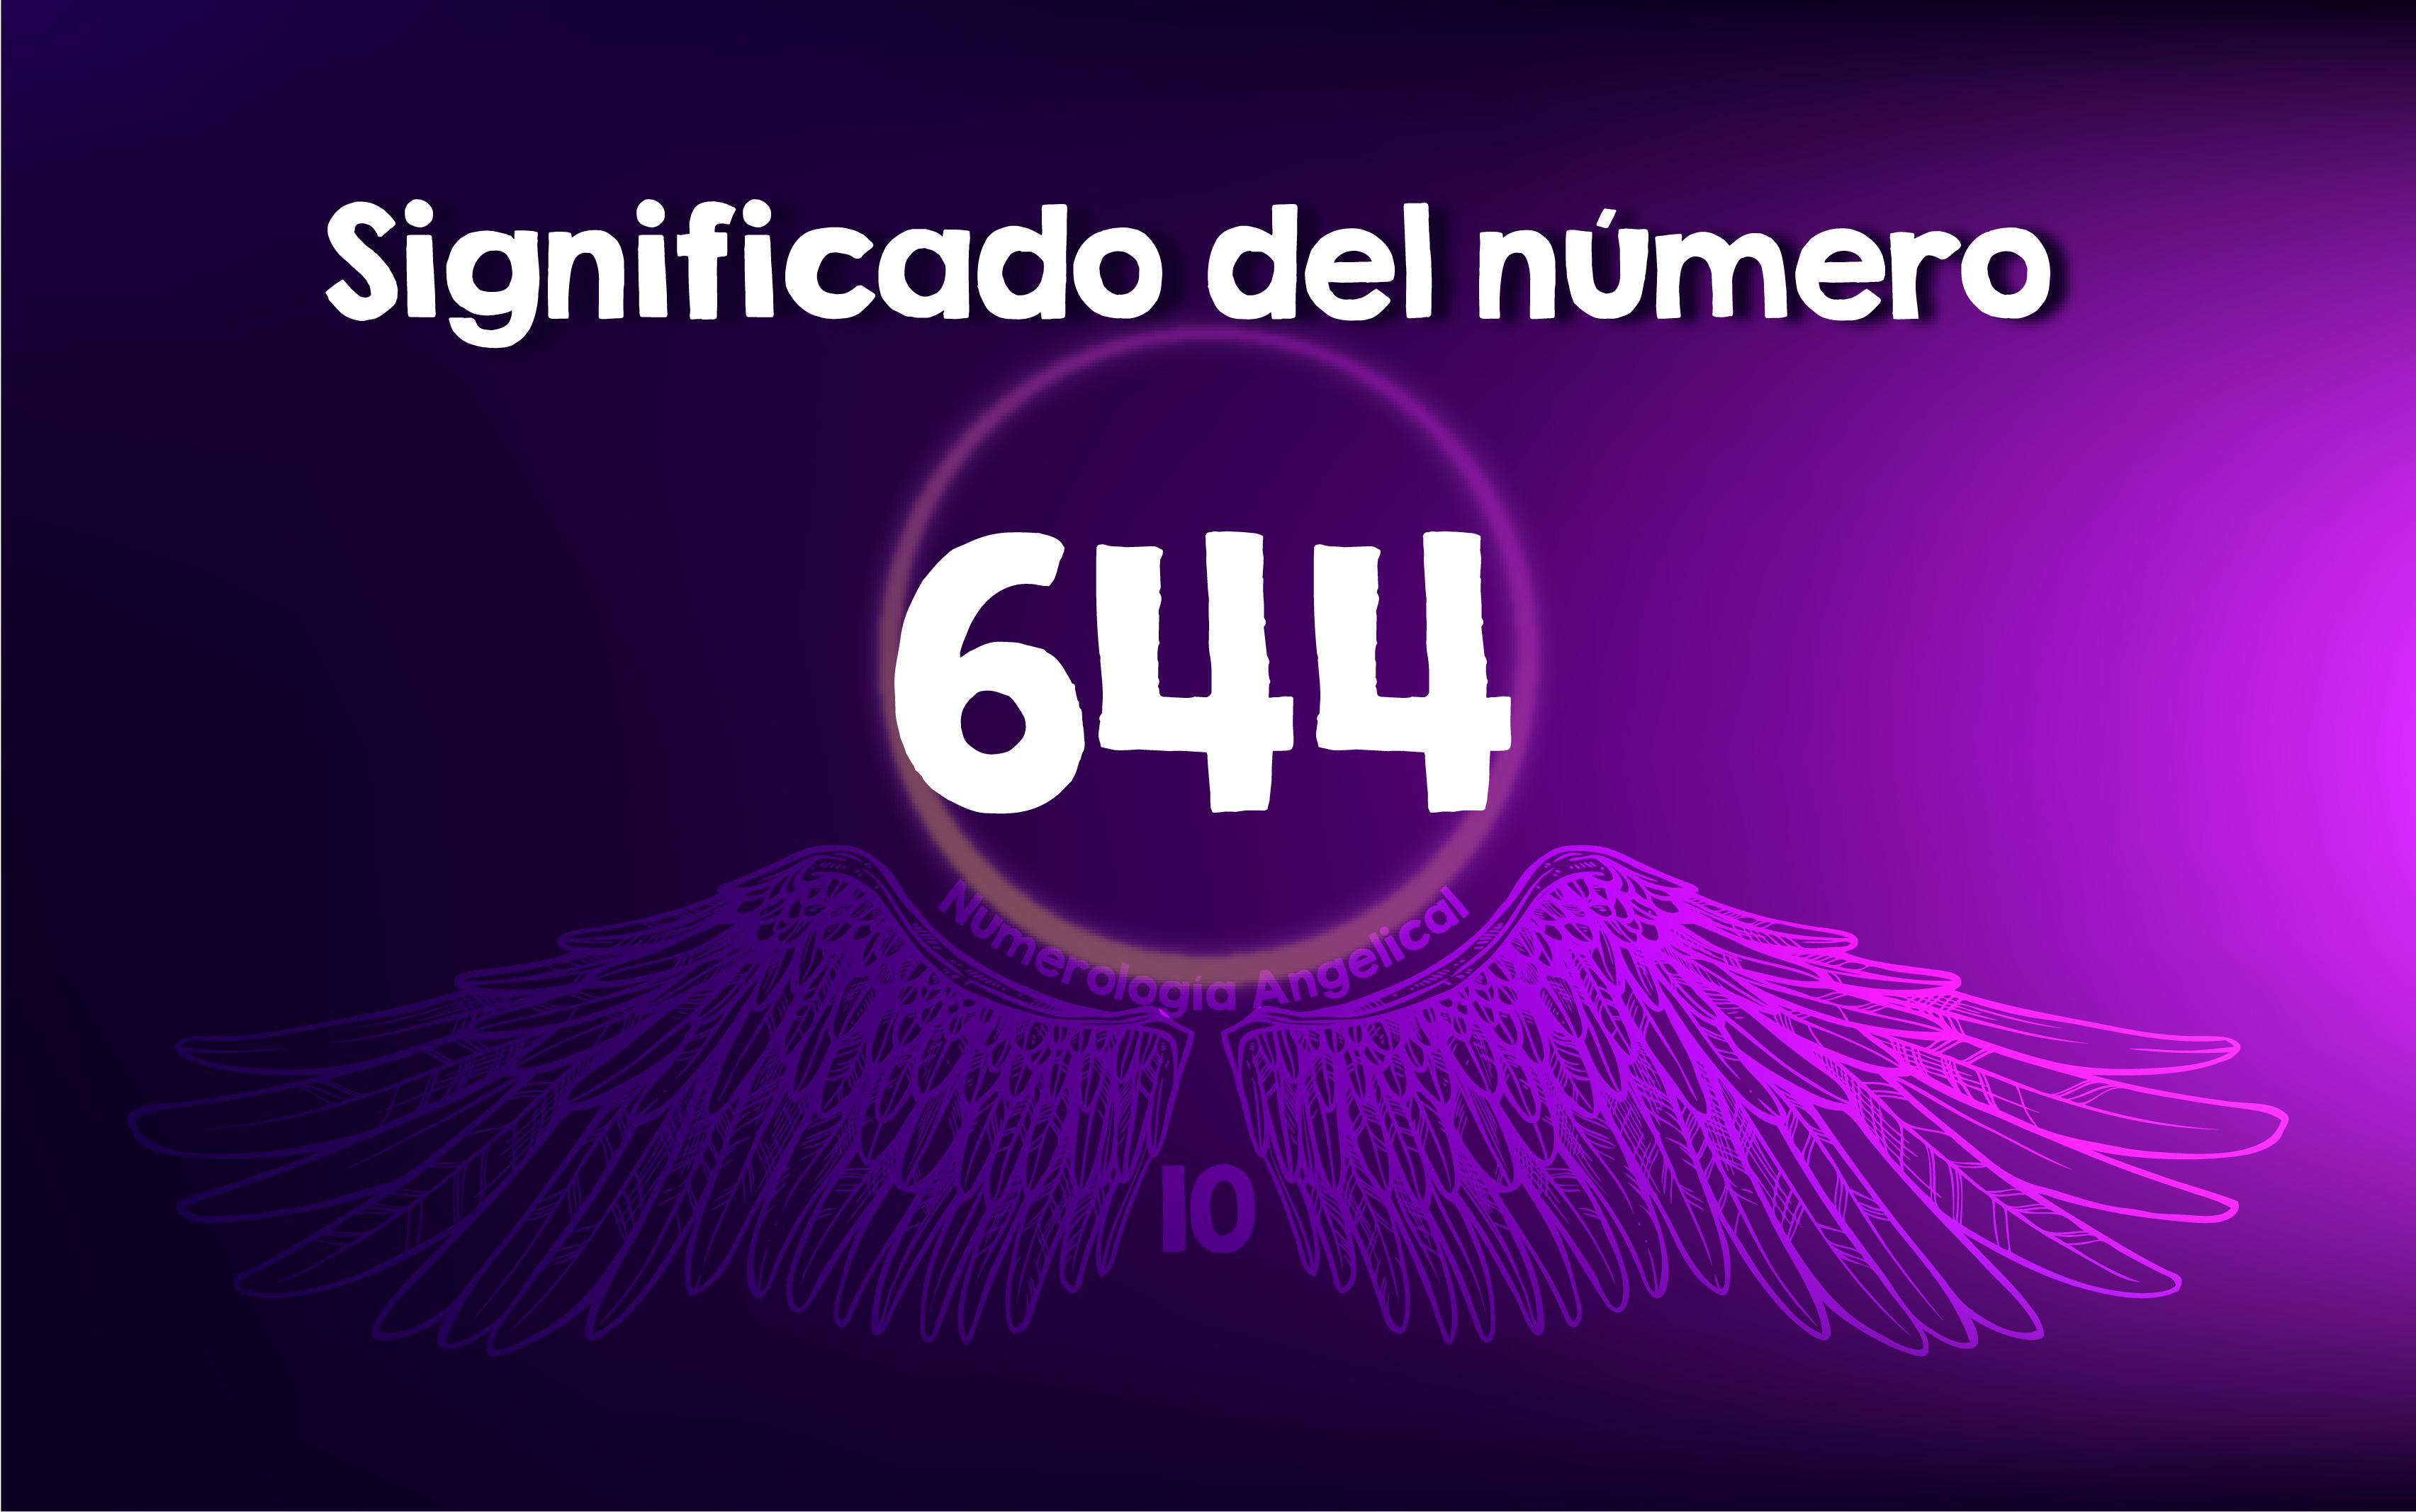 Significado del número 644